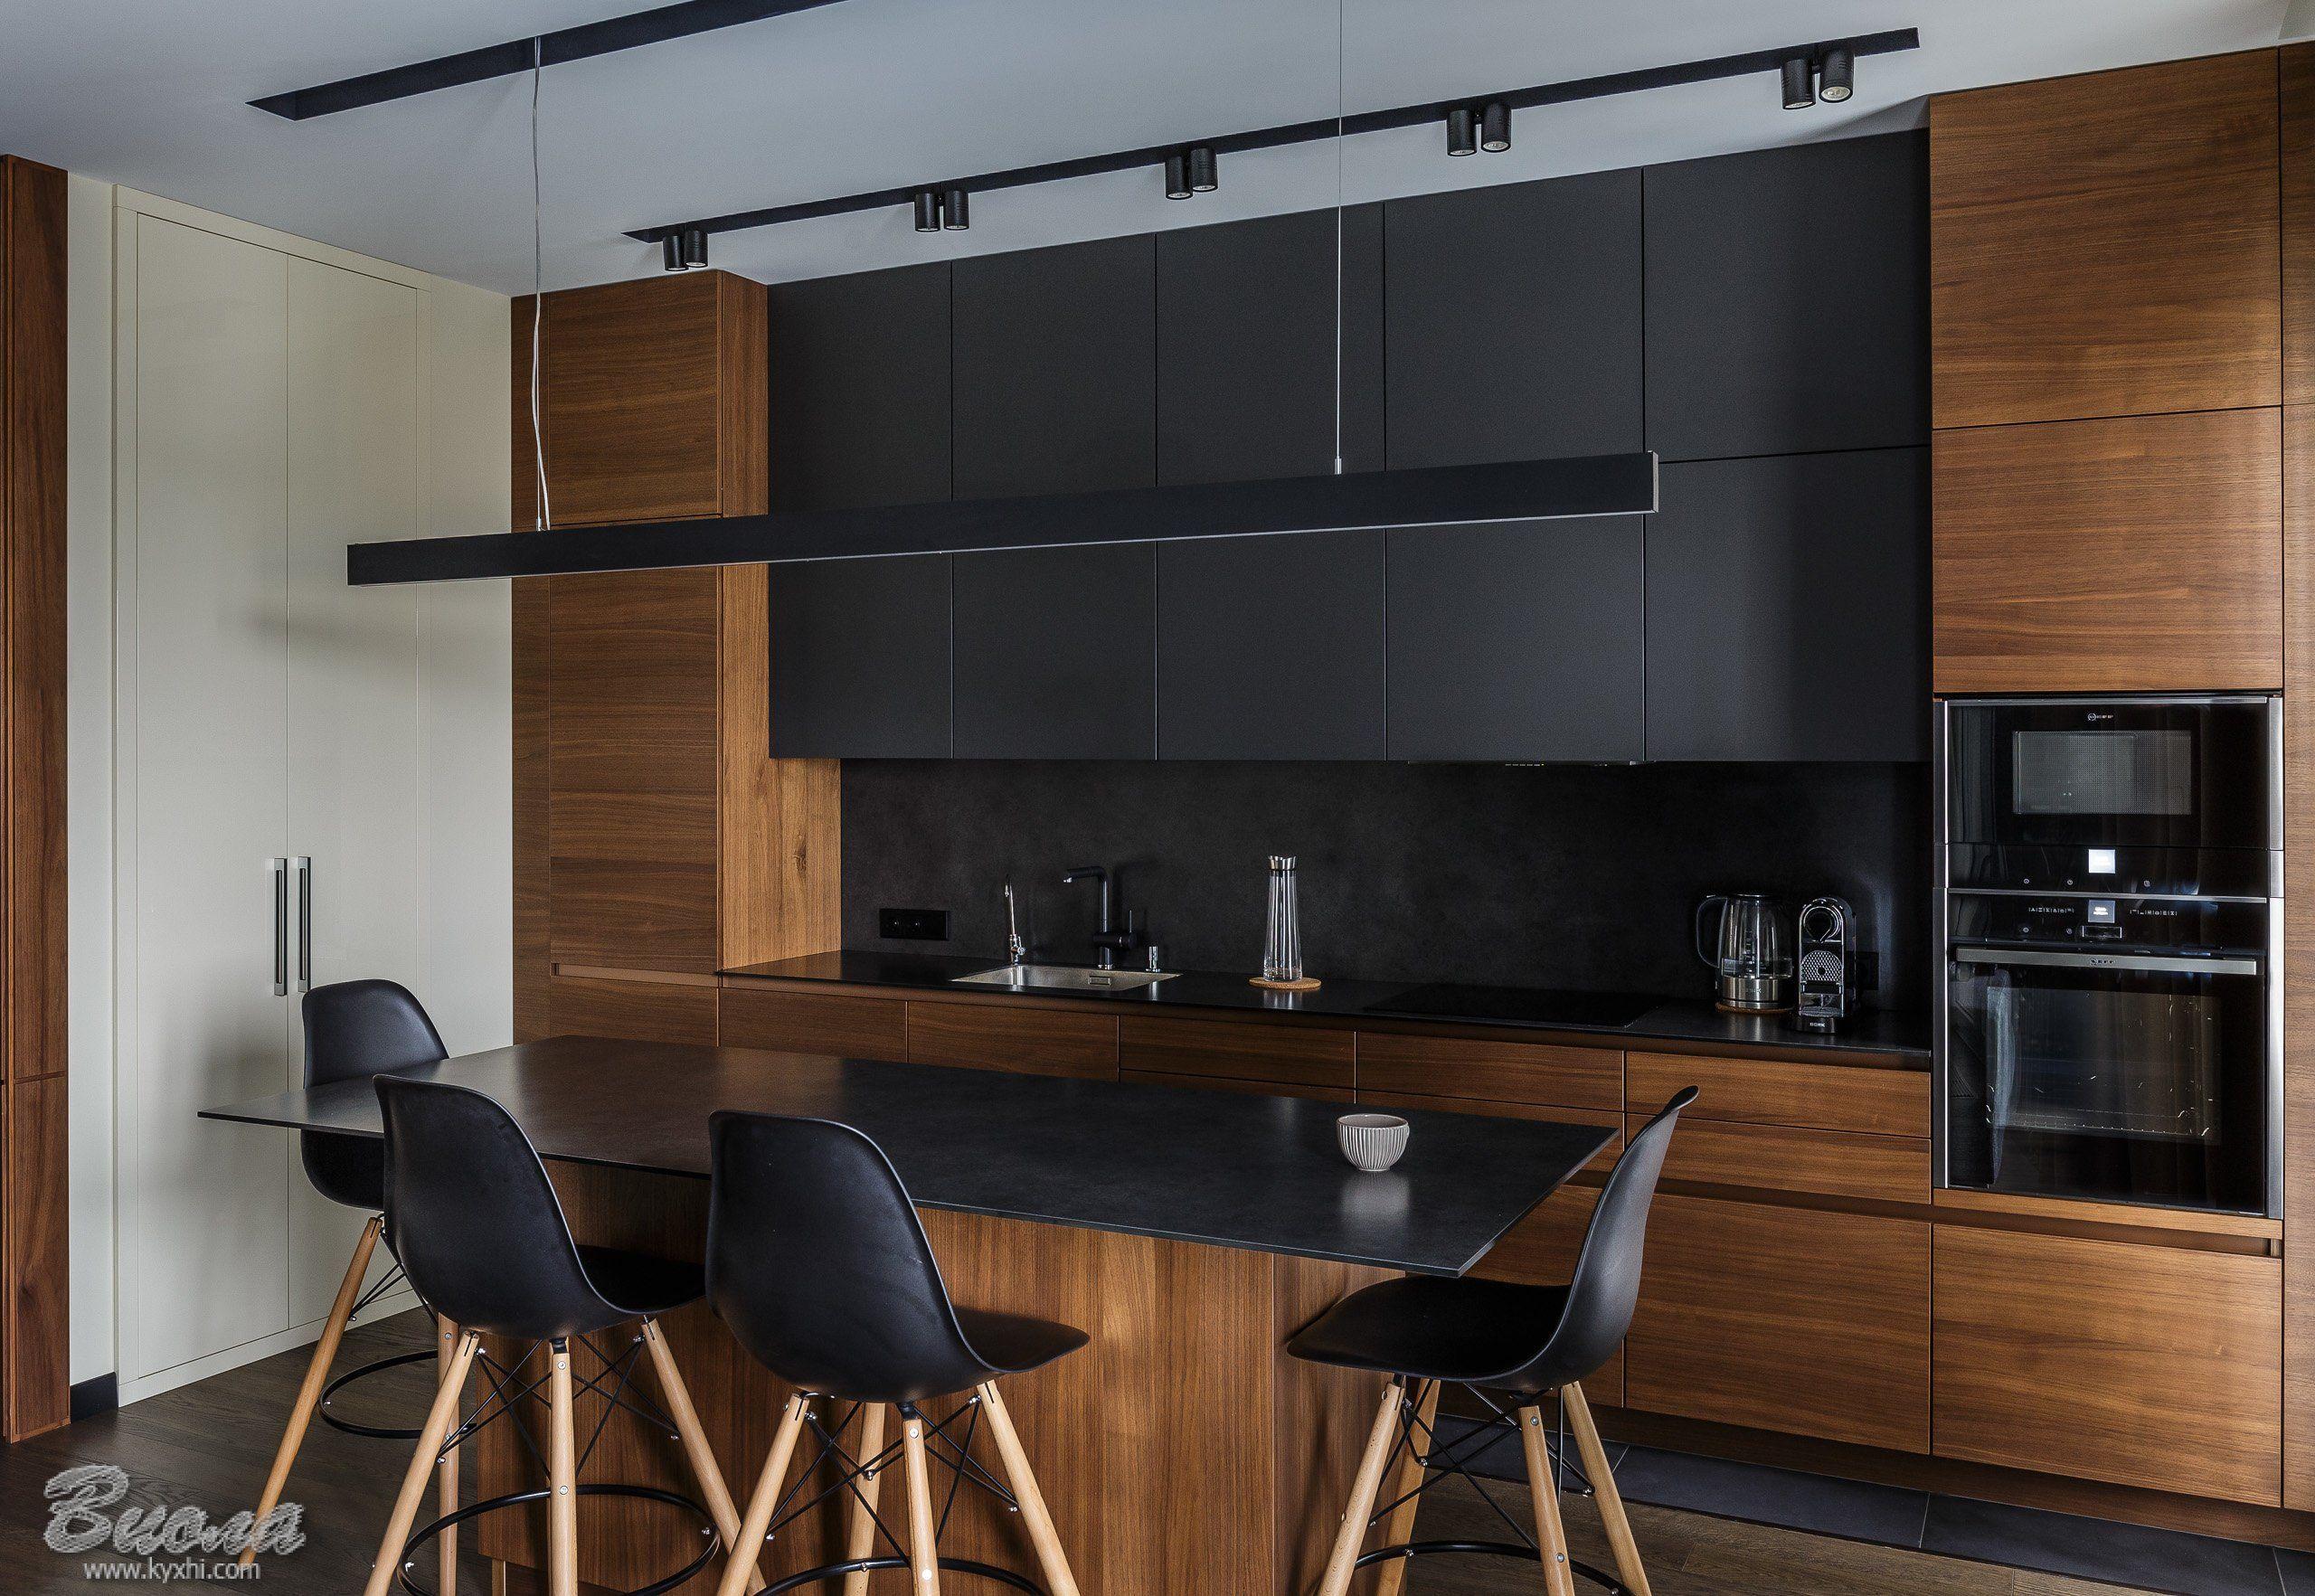 Интерьер кухни в стиле лофт под заказ | Интерьер, Кухня черного ...